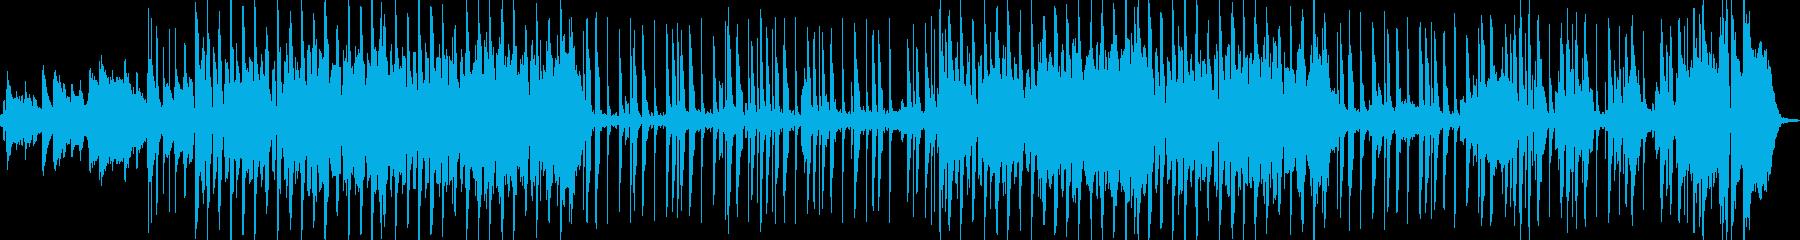 フュージョン ジャズ ファンク R...の再生済みの波形